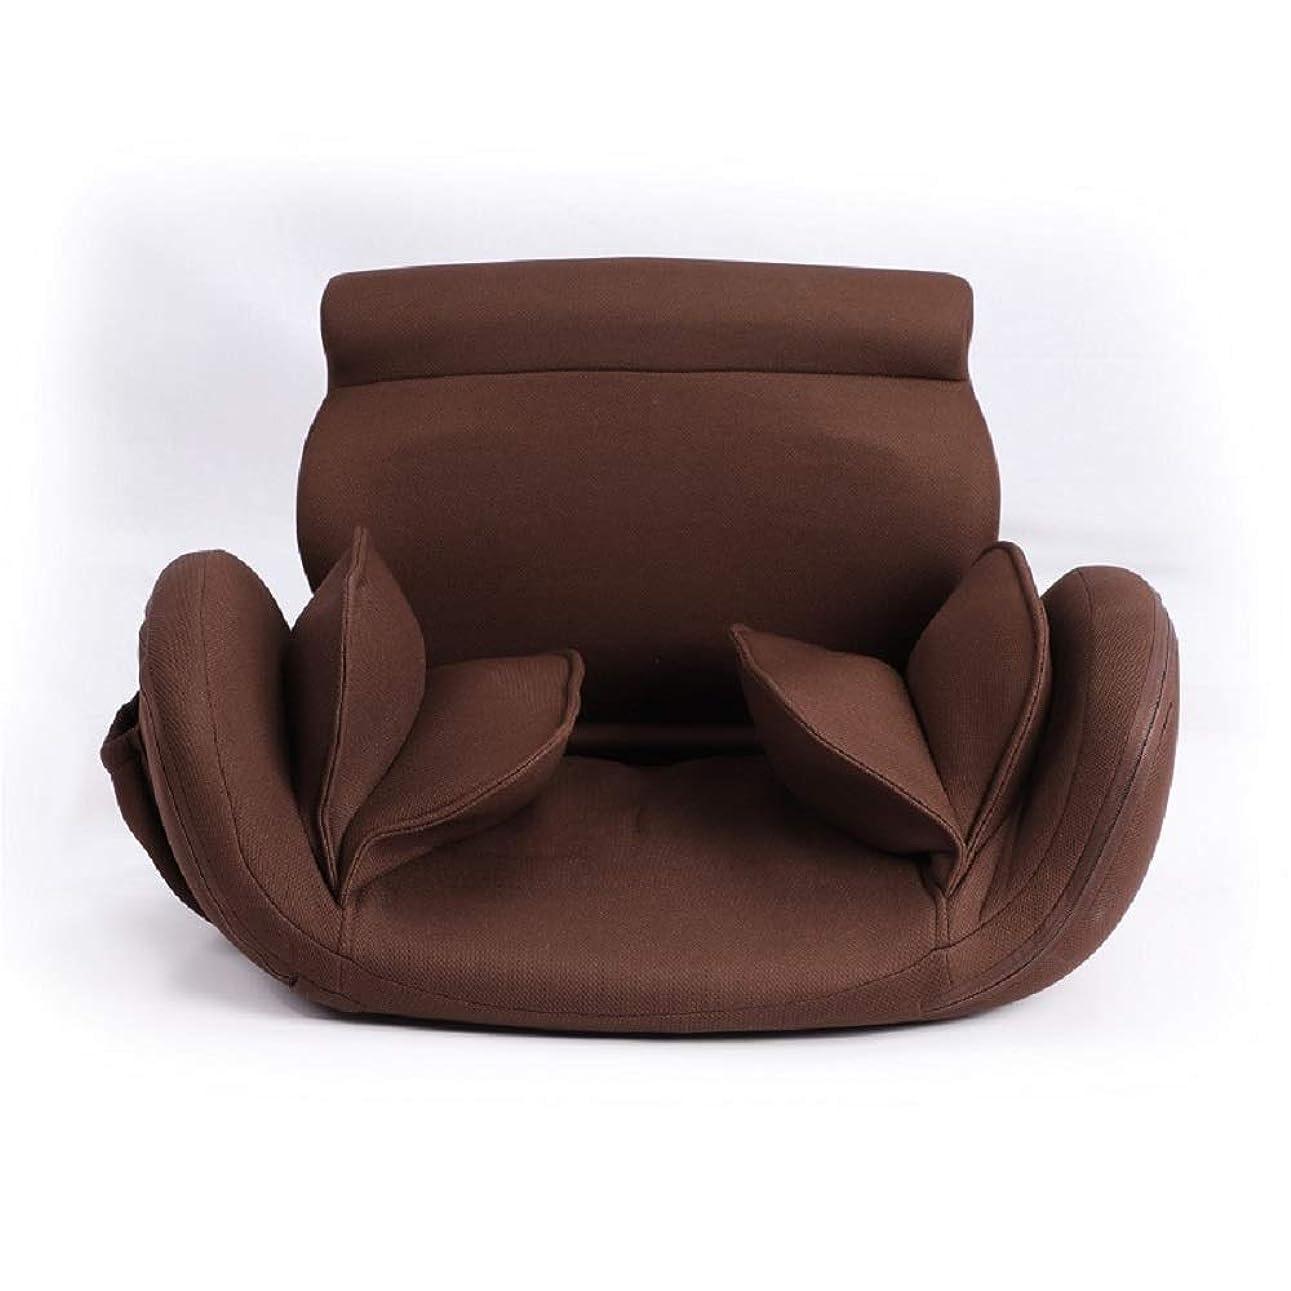 包括的製造時ネトレスリム 骨盤チェア プレミアム I型 クッション お尻 筋肉 エクササイズ 寝姿勢 座る 寝る 【日テレ7公式】